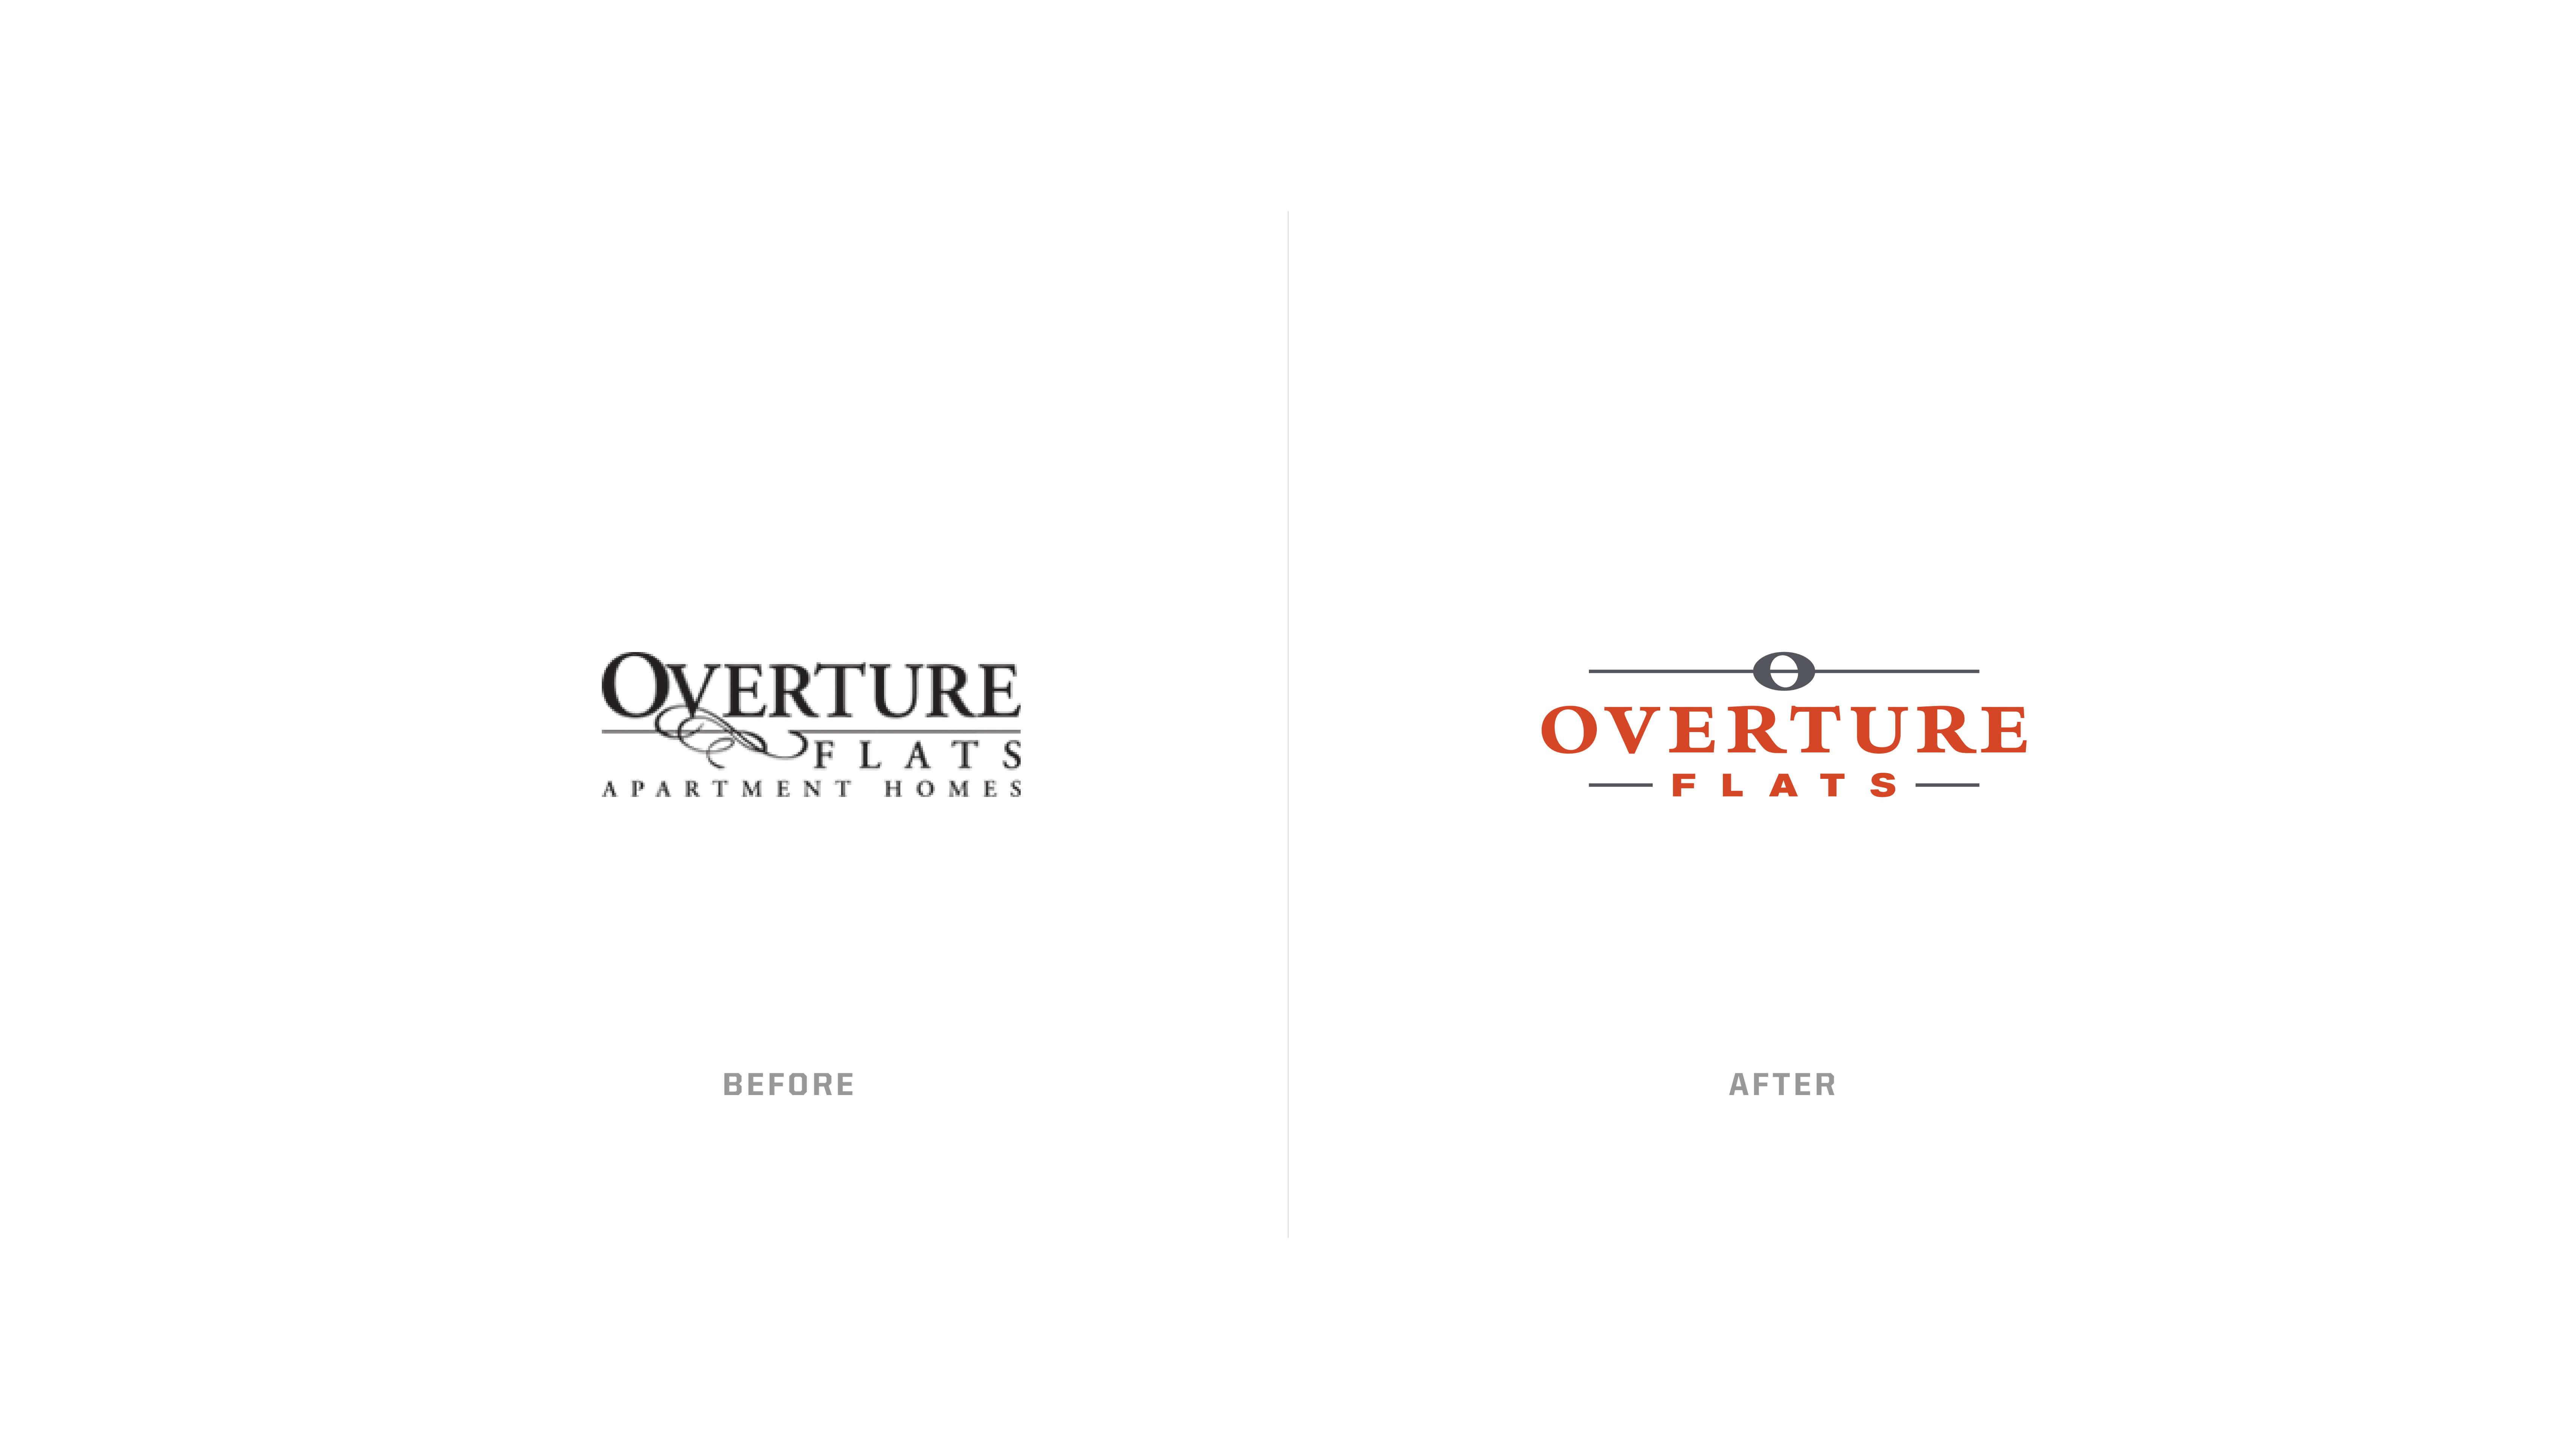 Regency - Overture Flats - Branding